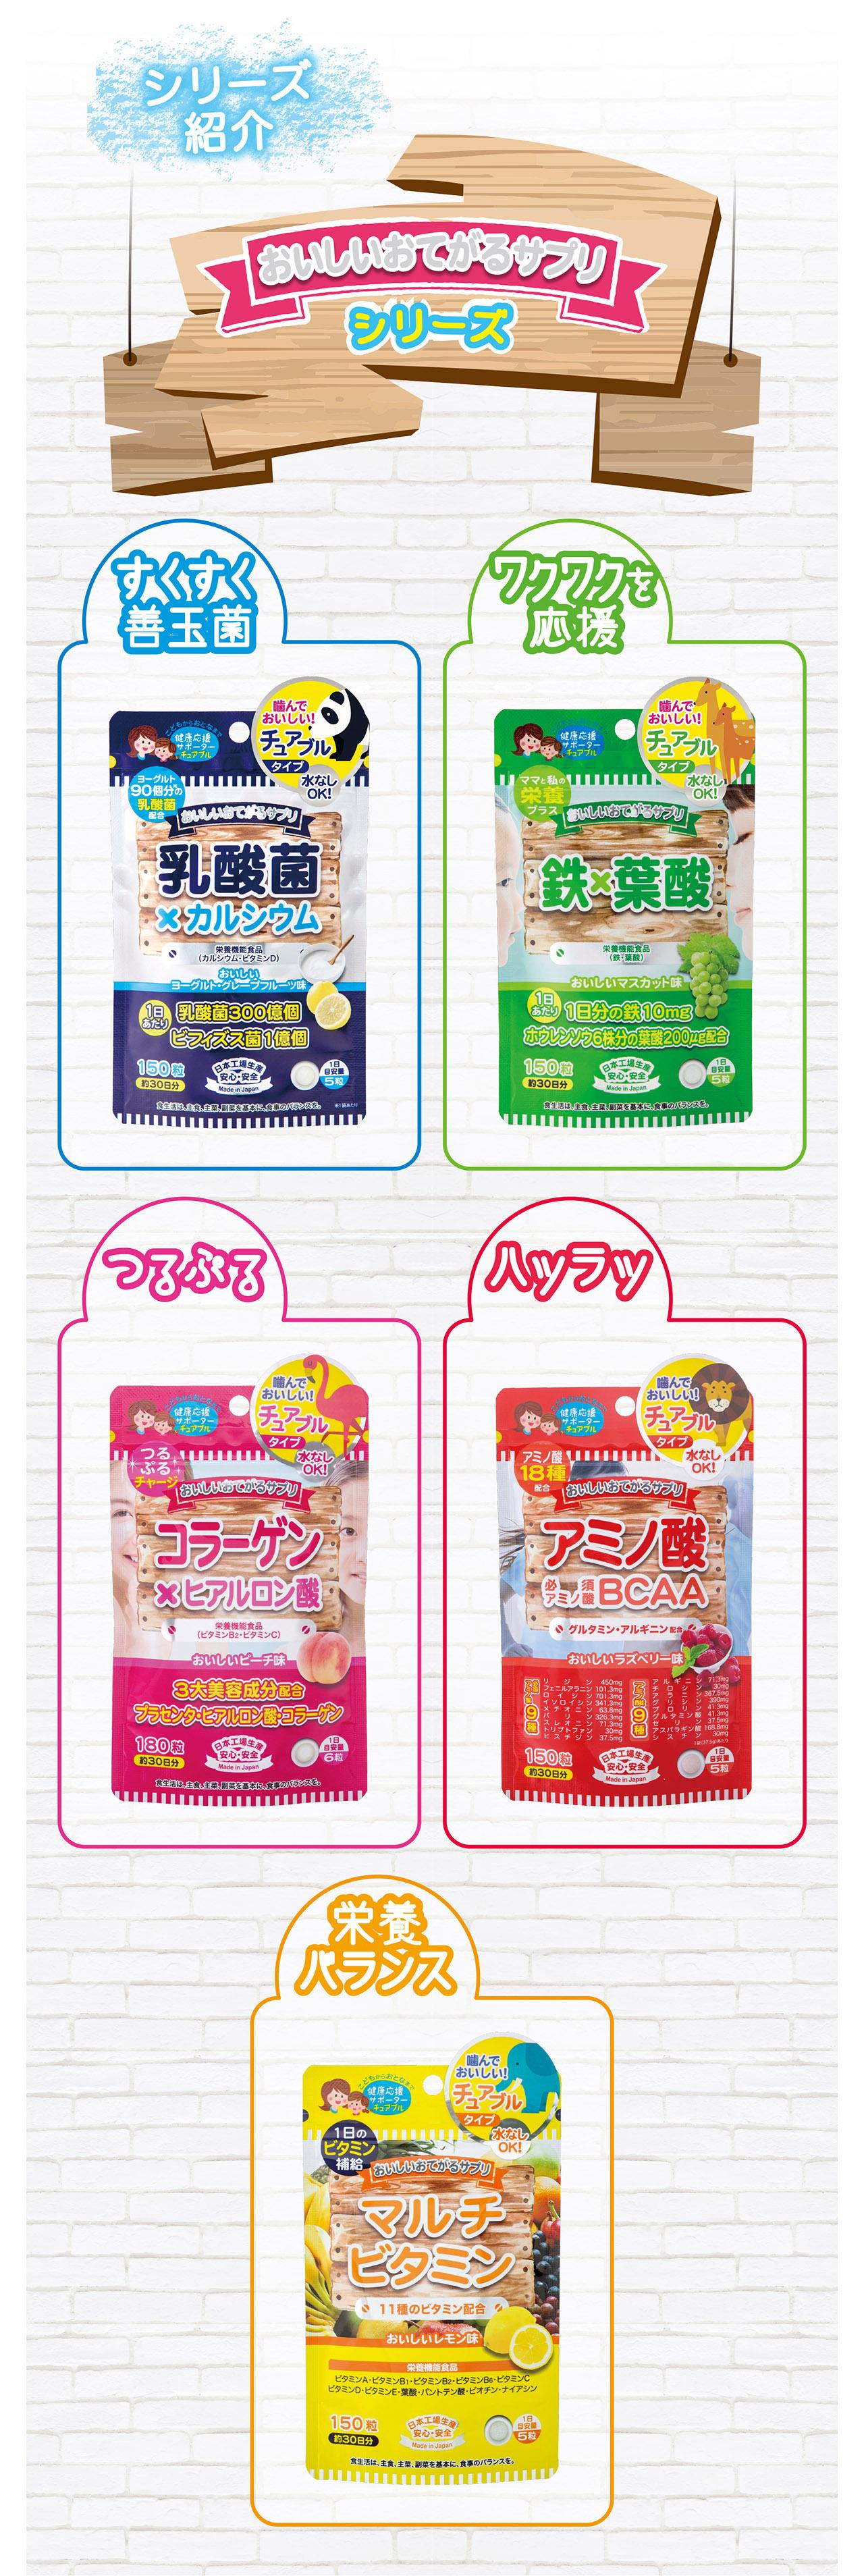 シリーズ紹介 すくすく善玉菌 ワクワクを応援 つるぷる ハツラツ 栄養バランス